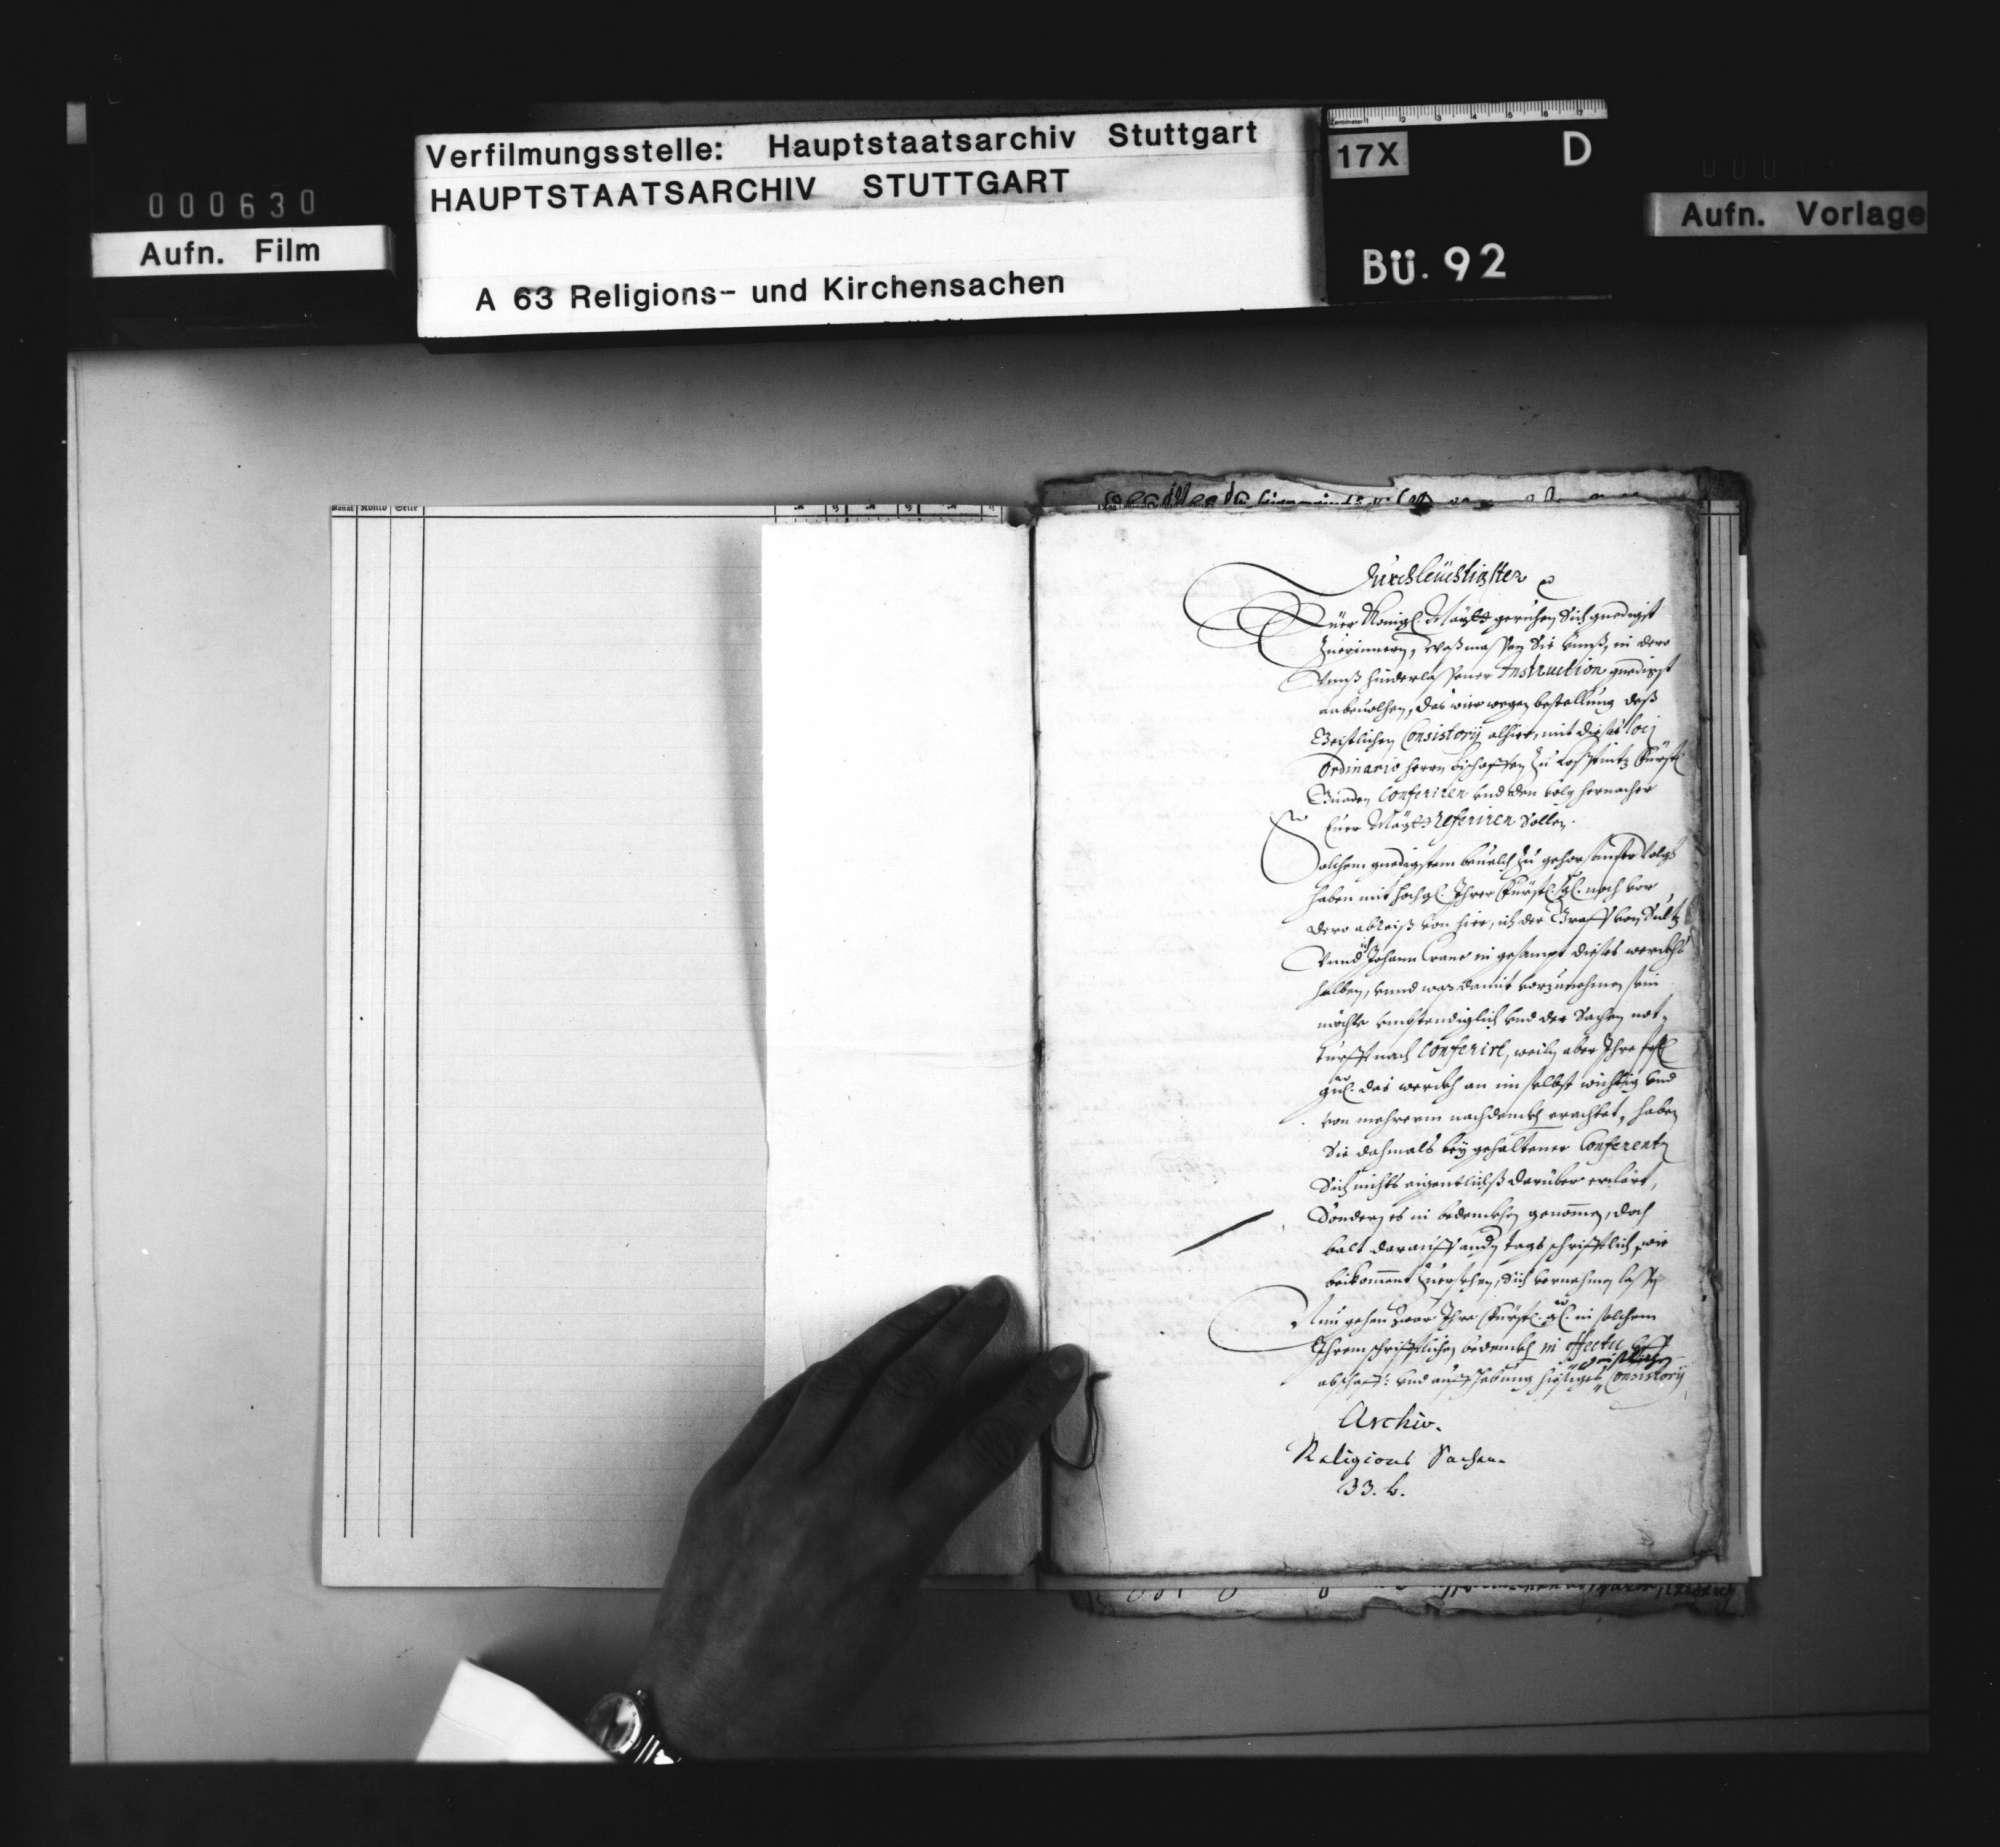 Gutachten der kaiserlichen Kommissare Graf von Sulz und Johann Crane an König Ferdinand III., wegen der Bestellung des geistlichen Konsistoriums und den Verhandlungen darüber mit dem Bischof von Konstanz., Bild 2